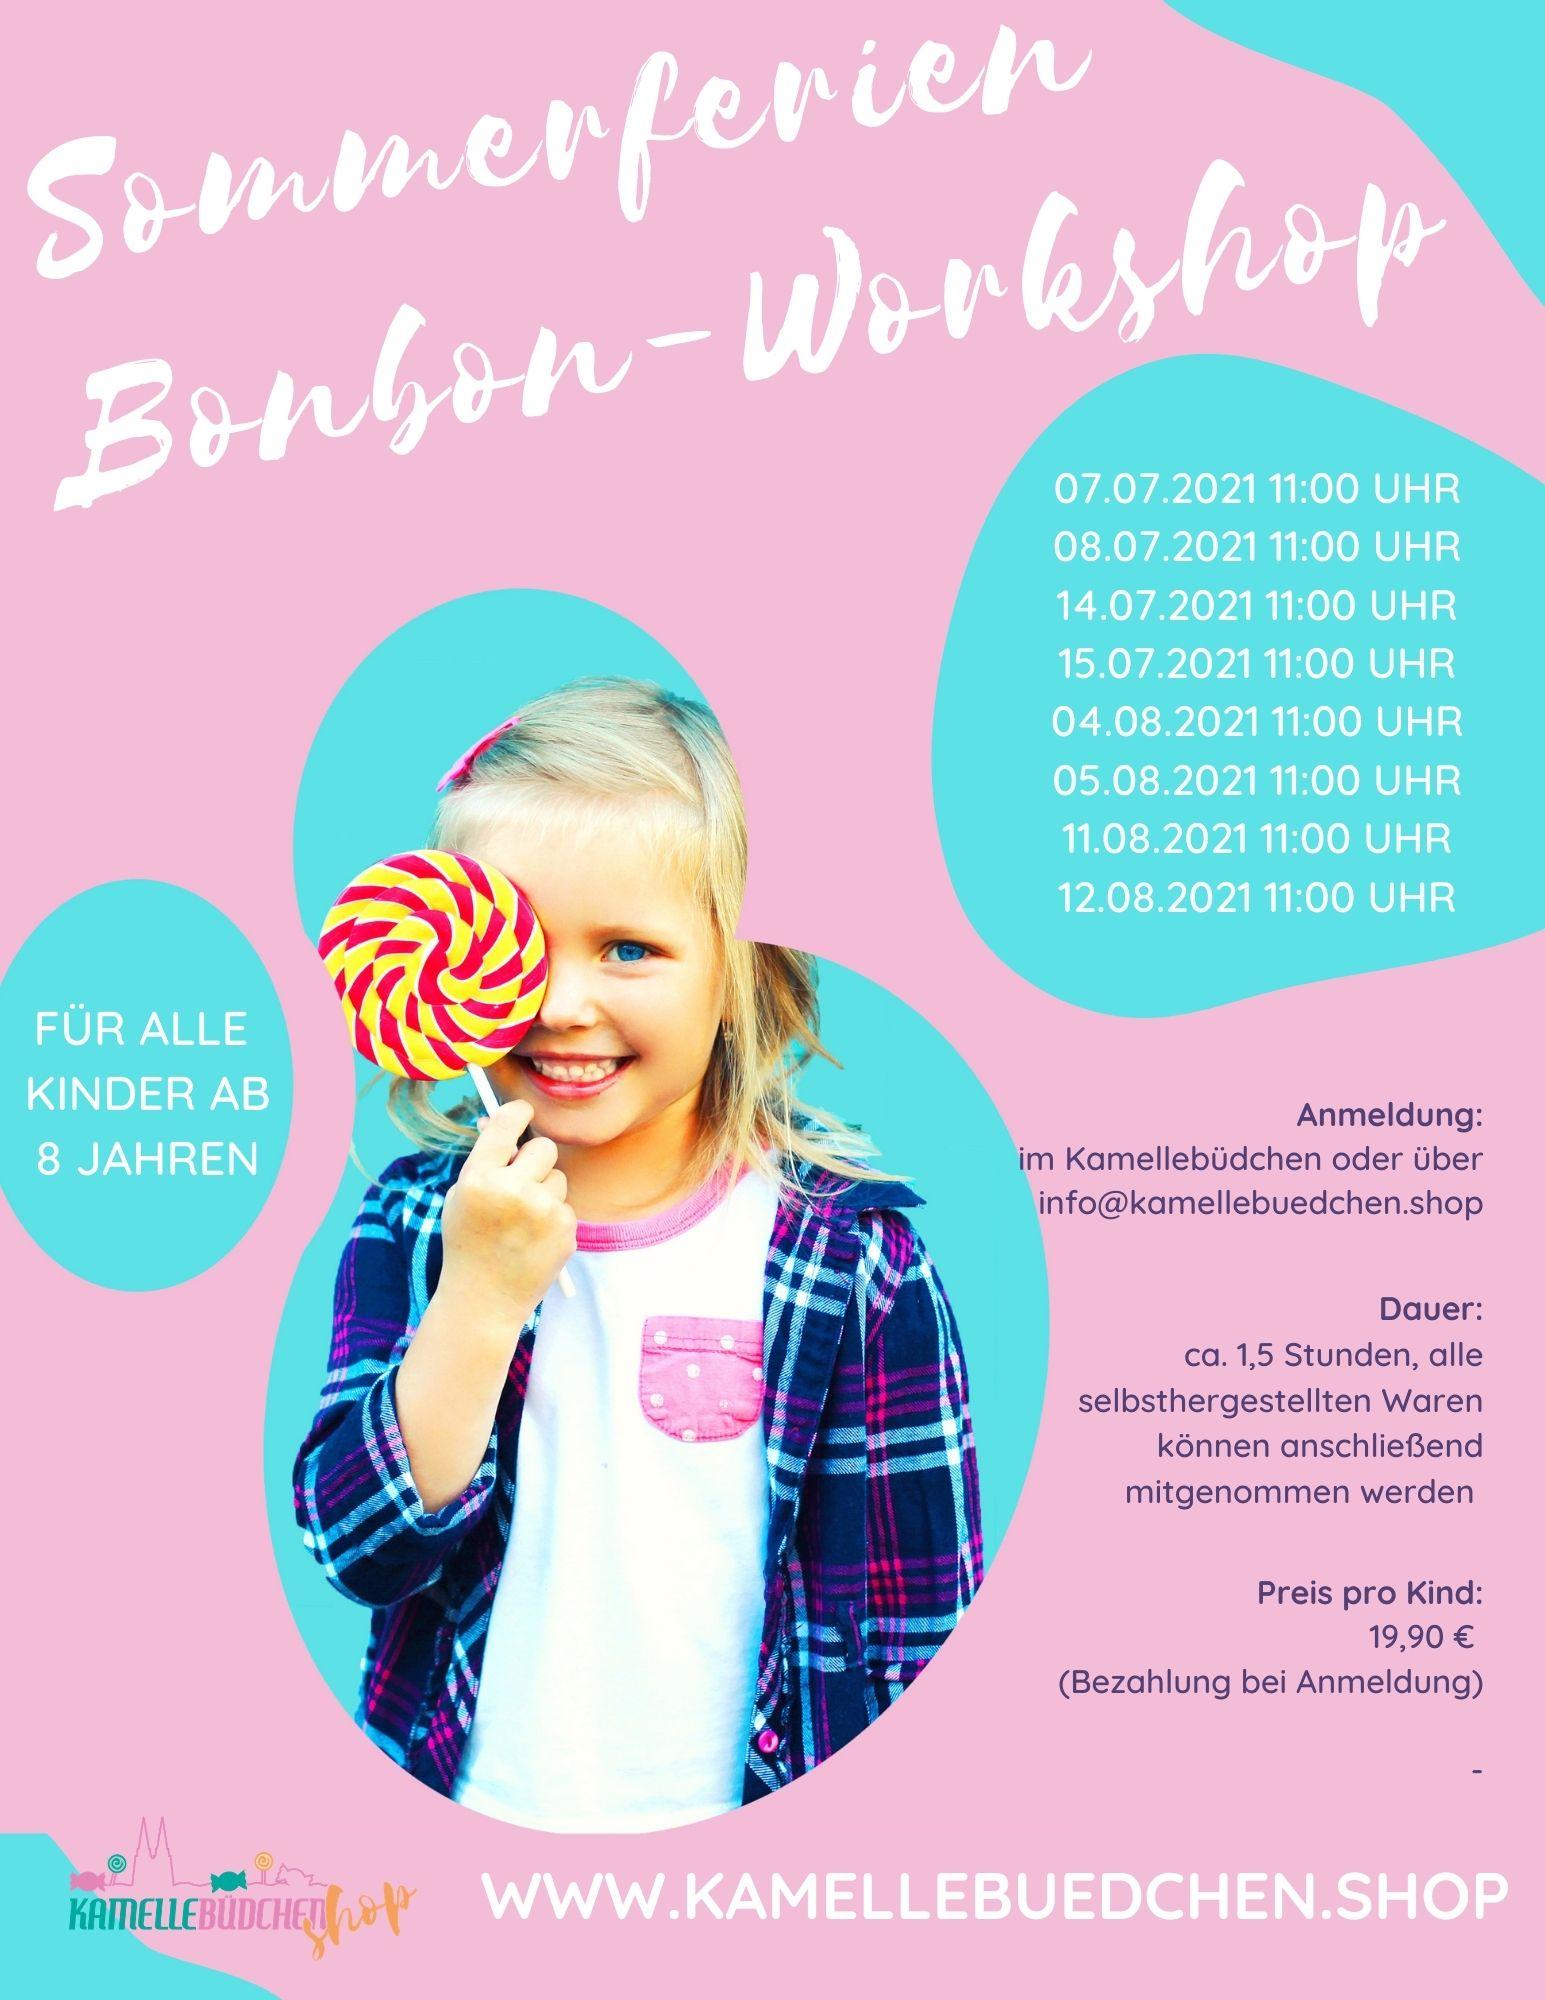 Sommerferien Workshop